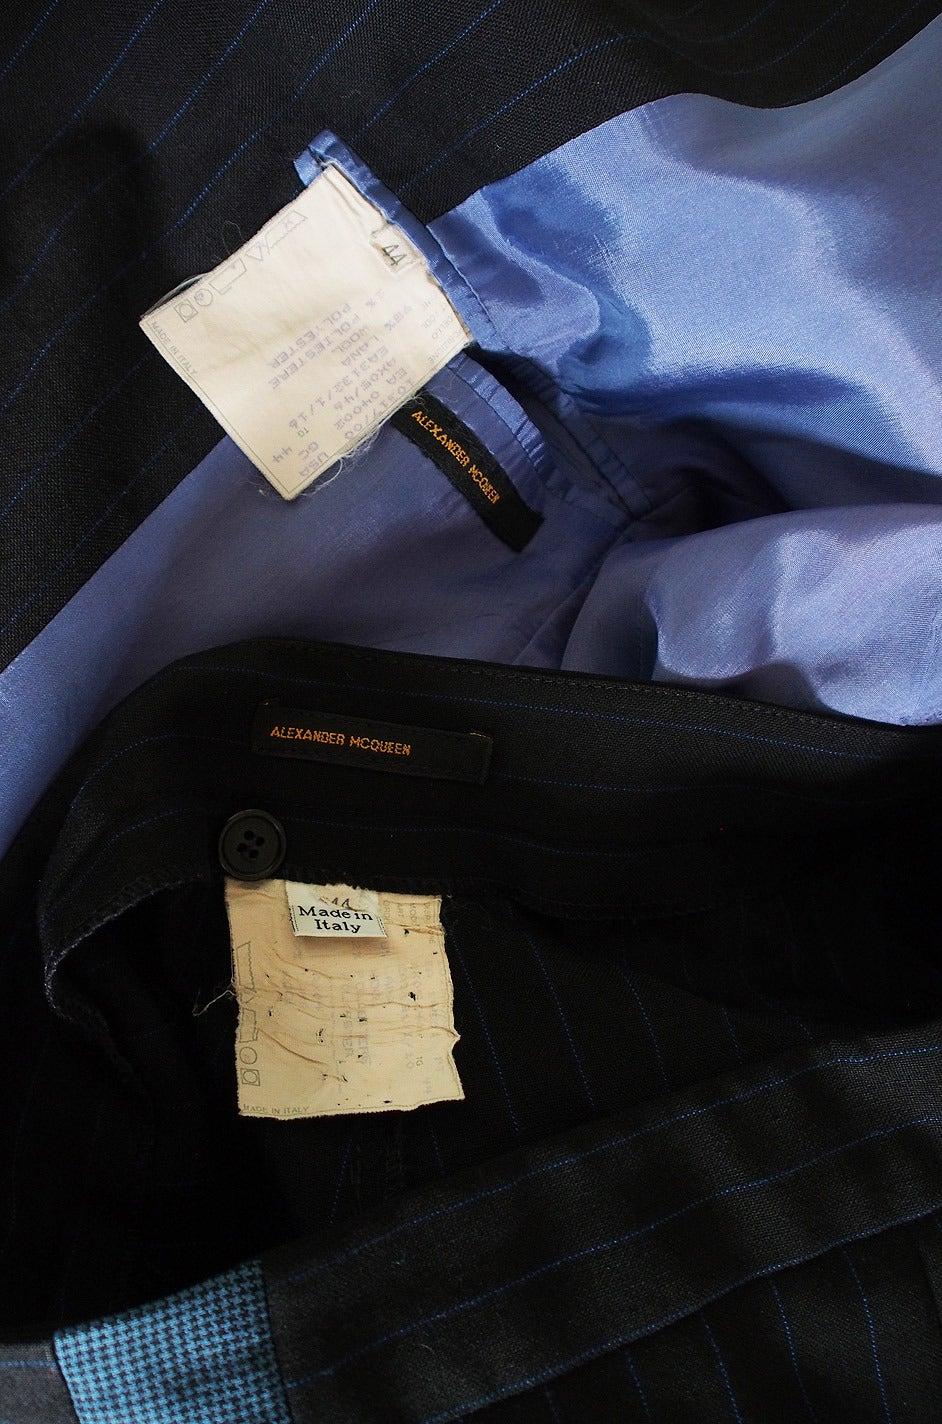 S/S 1998 Alexander McQueen 'The Golden Shower' Suit 9